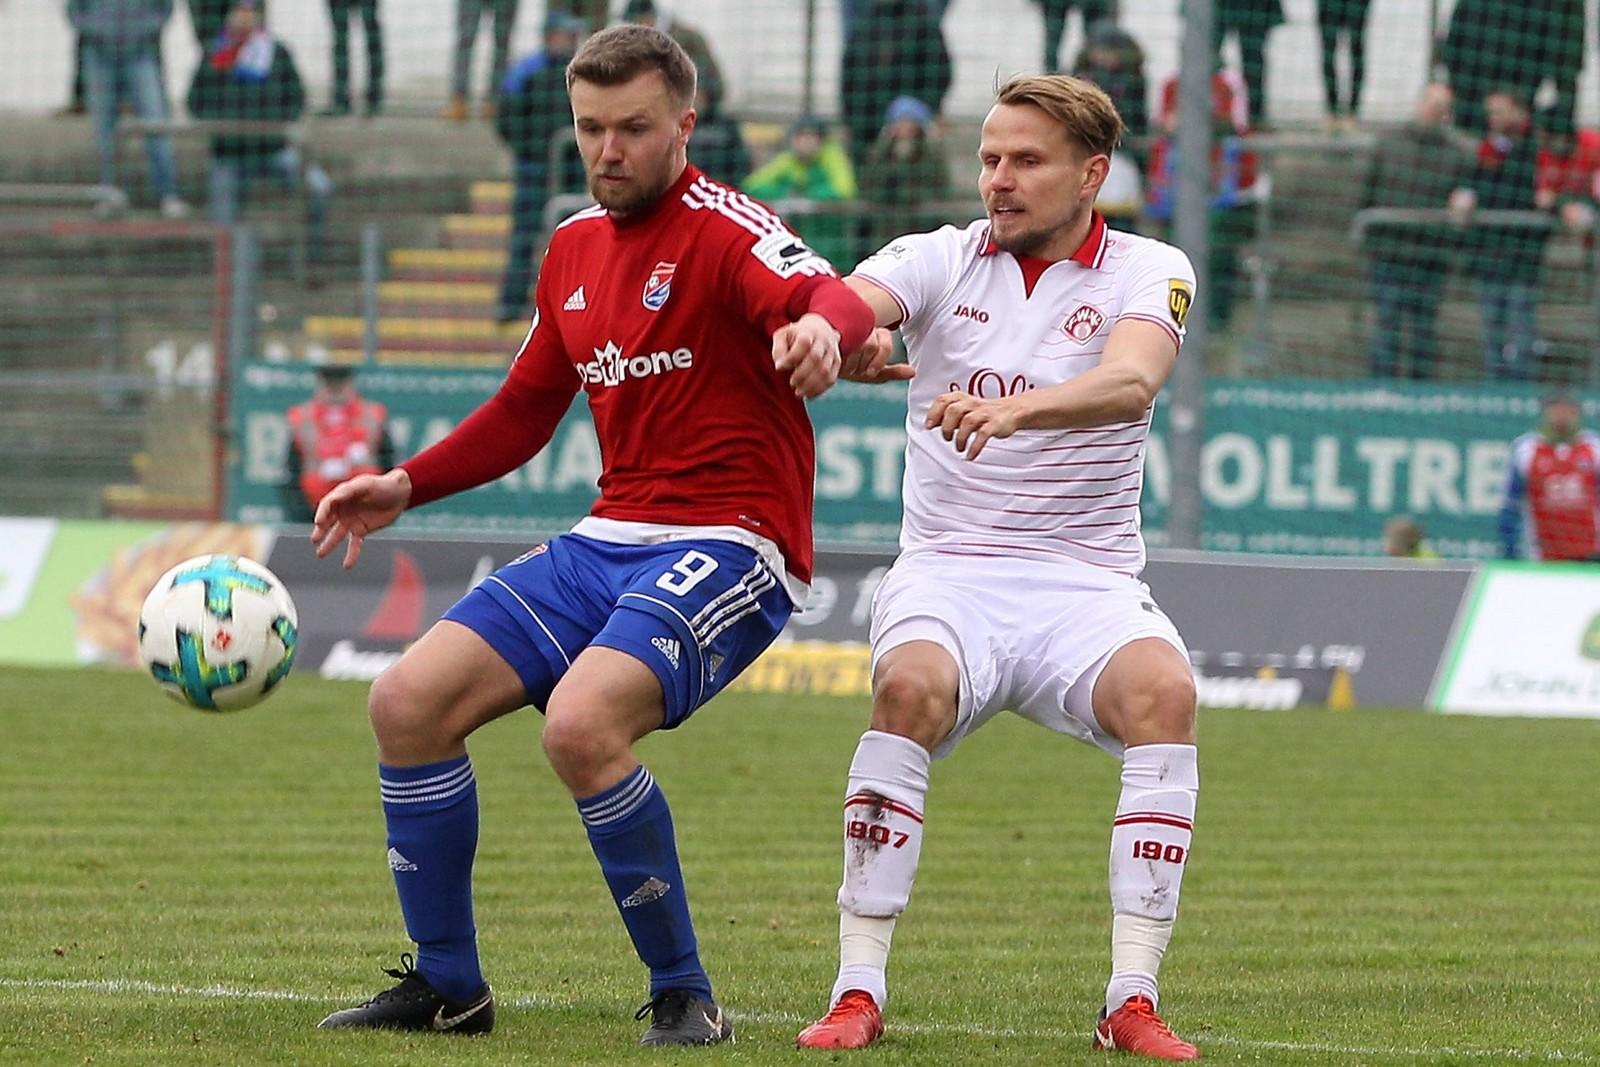 Stephan Hain von der SpVgg Unterhaching im Duell mit Sebastian Schuppan von den Würzburger Kickers